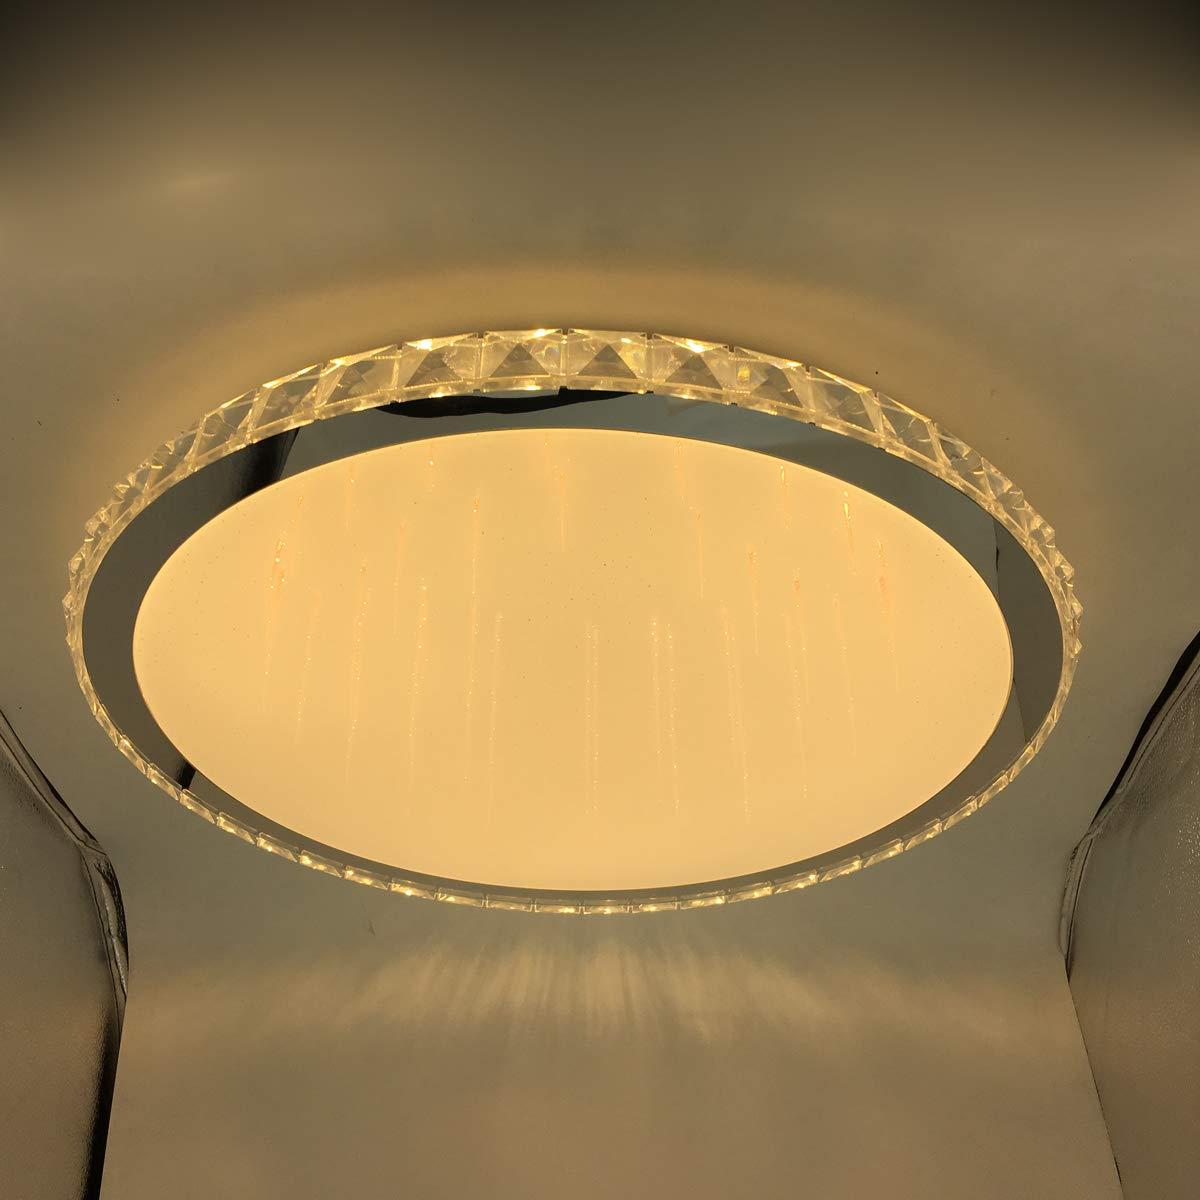 Addison Addison Addison Runde Wohnzimmer LED Kristall Deckenleuchte, moderne, minimalistische Atmosphäre europäische Lobby Restaurant Kristall Lampe, 15W, Durchmesser 43cm Hoch 17cm 8694c3